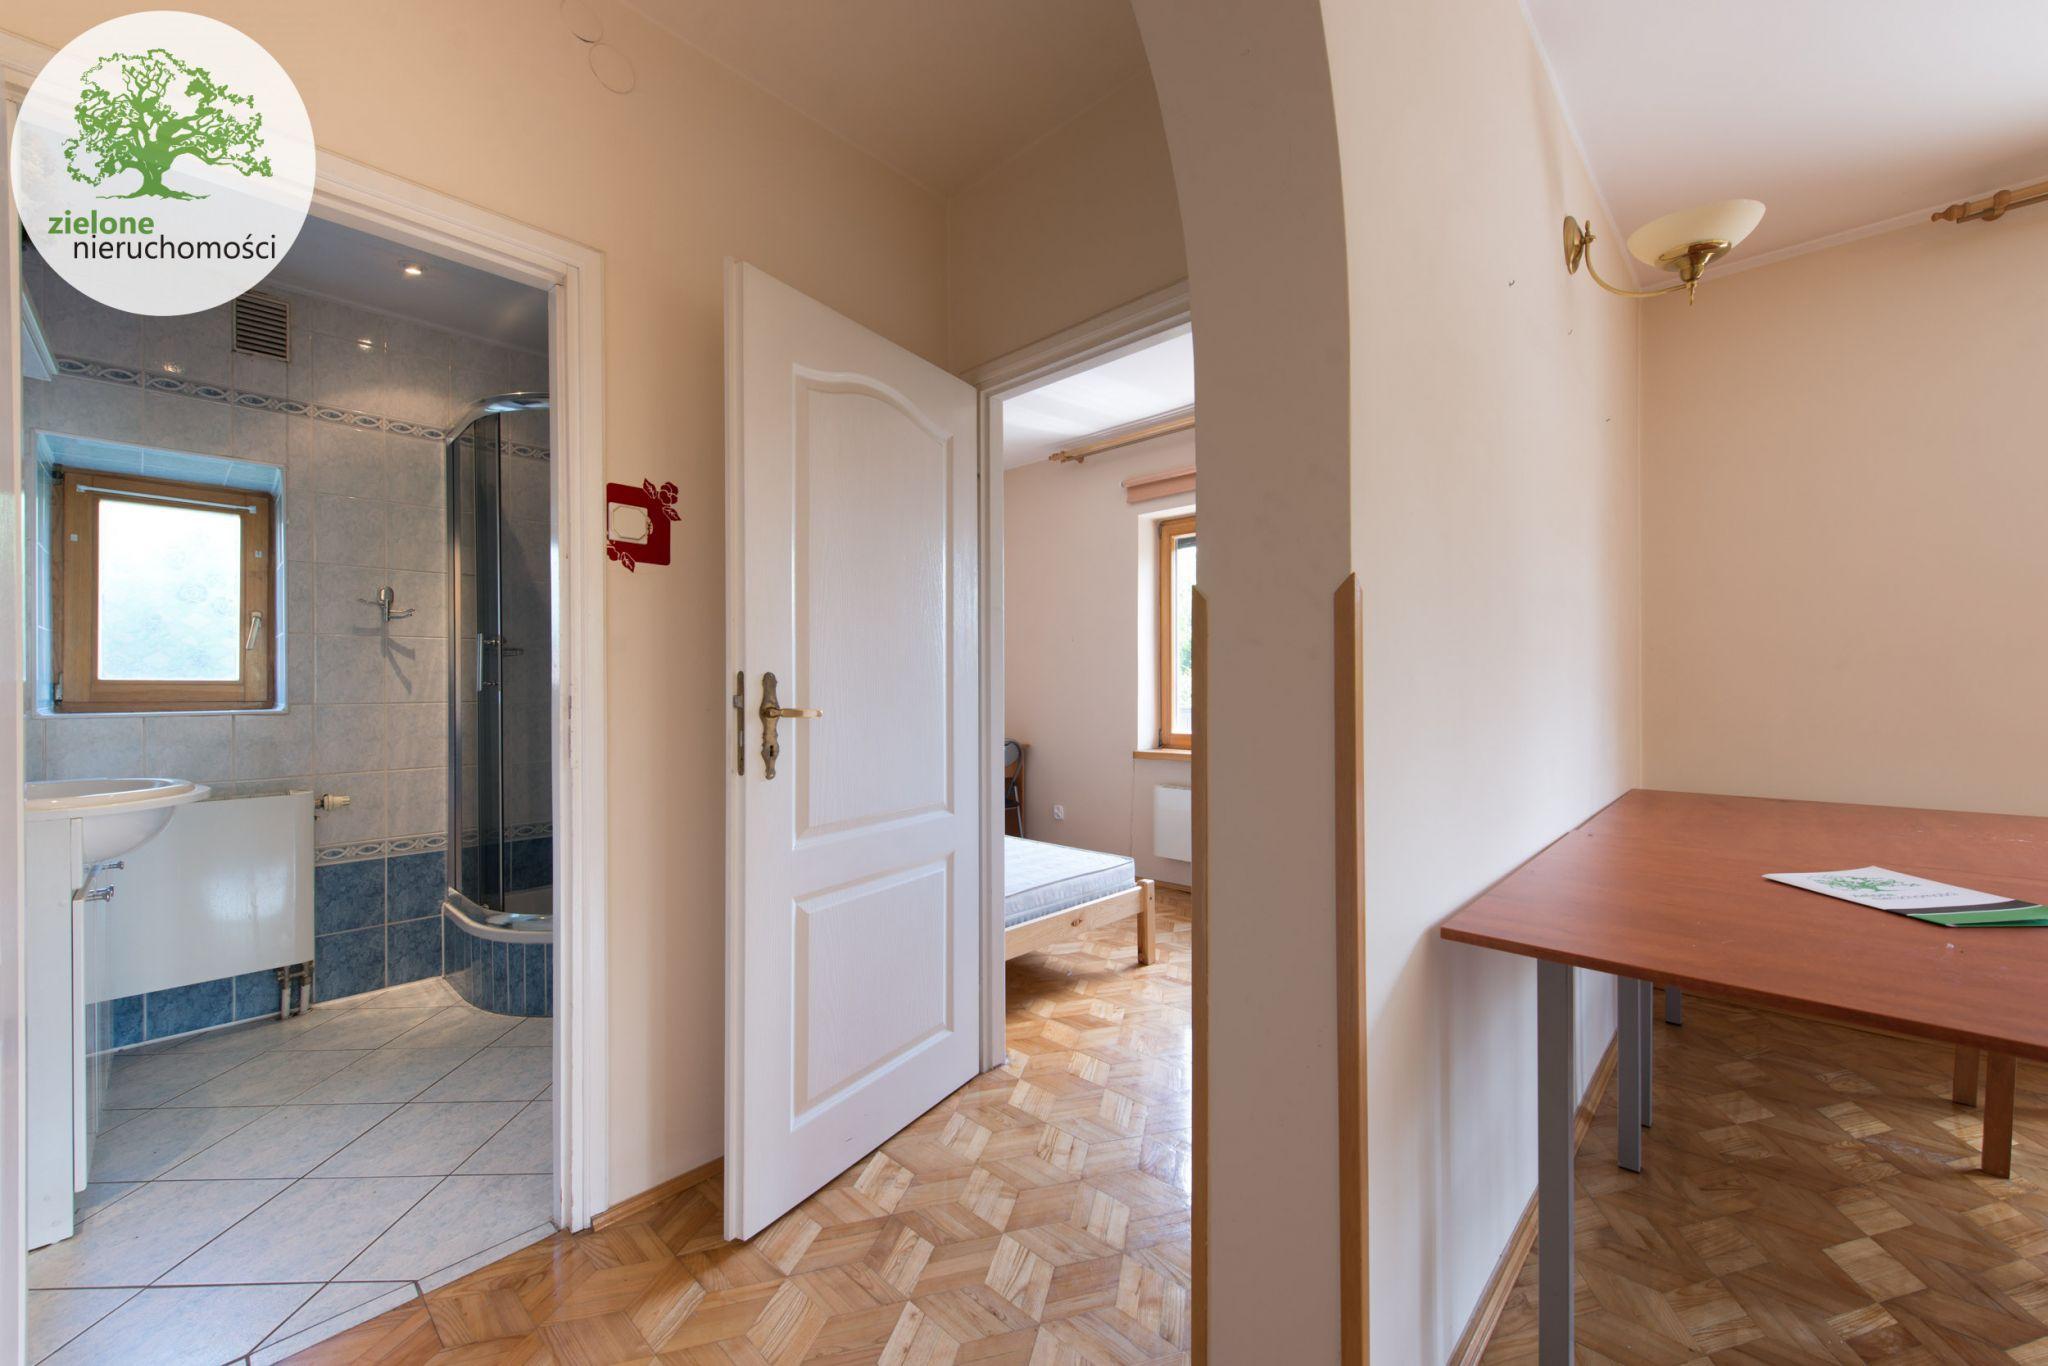 Zdjęcie 612 pokoi, dom dla dużej rodziny lub na firmę